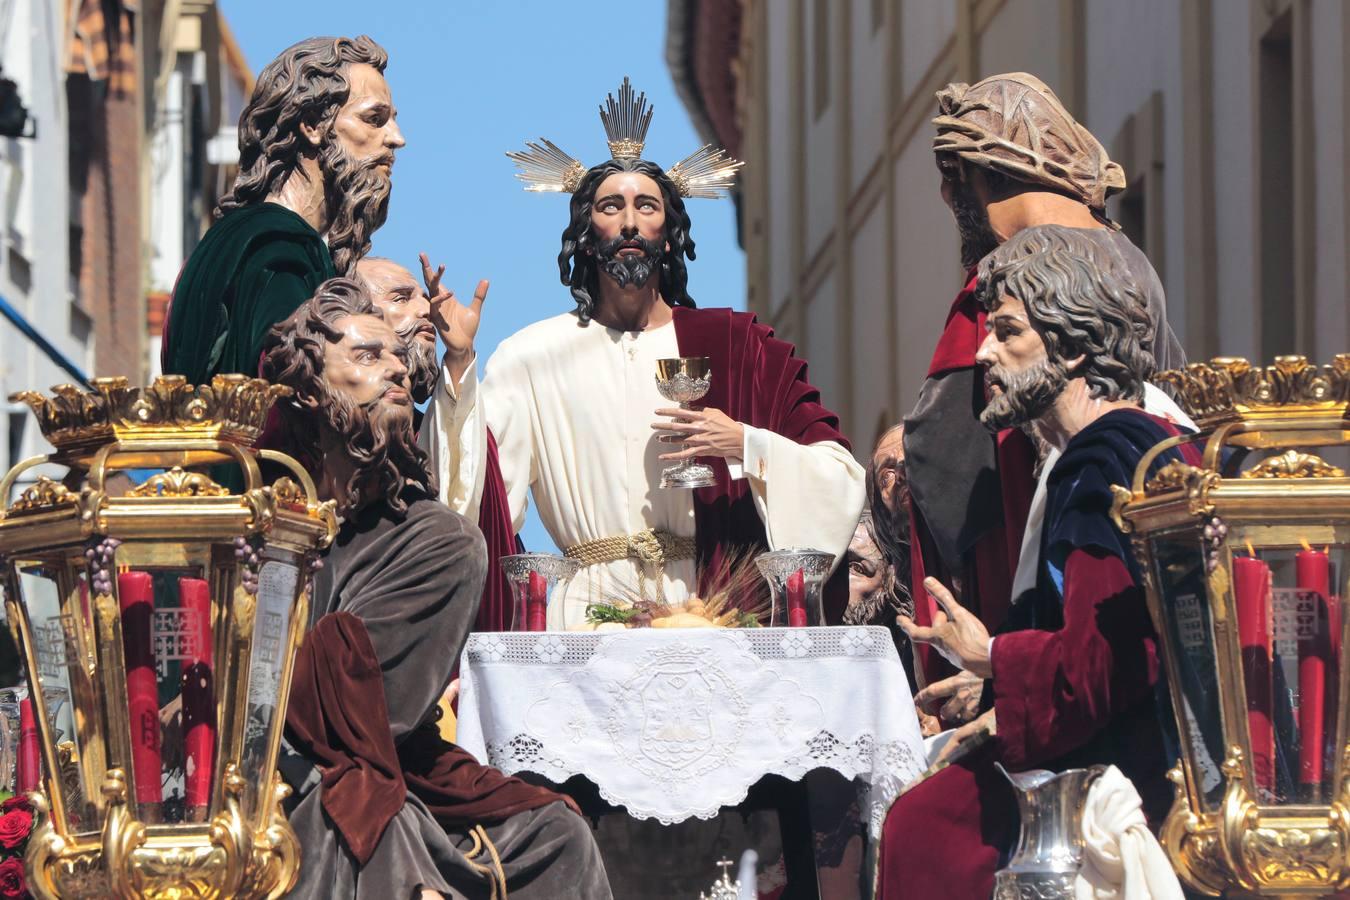 Las Fotos De La Cena El Domingo De Ramos De La Semana Santa De